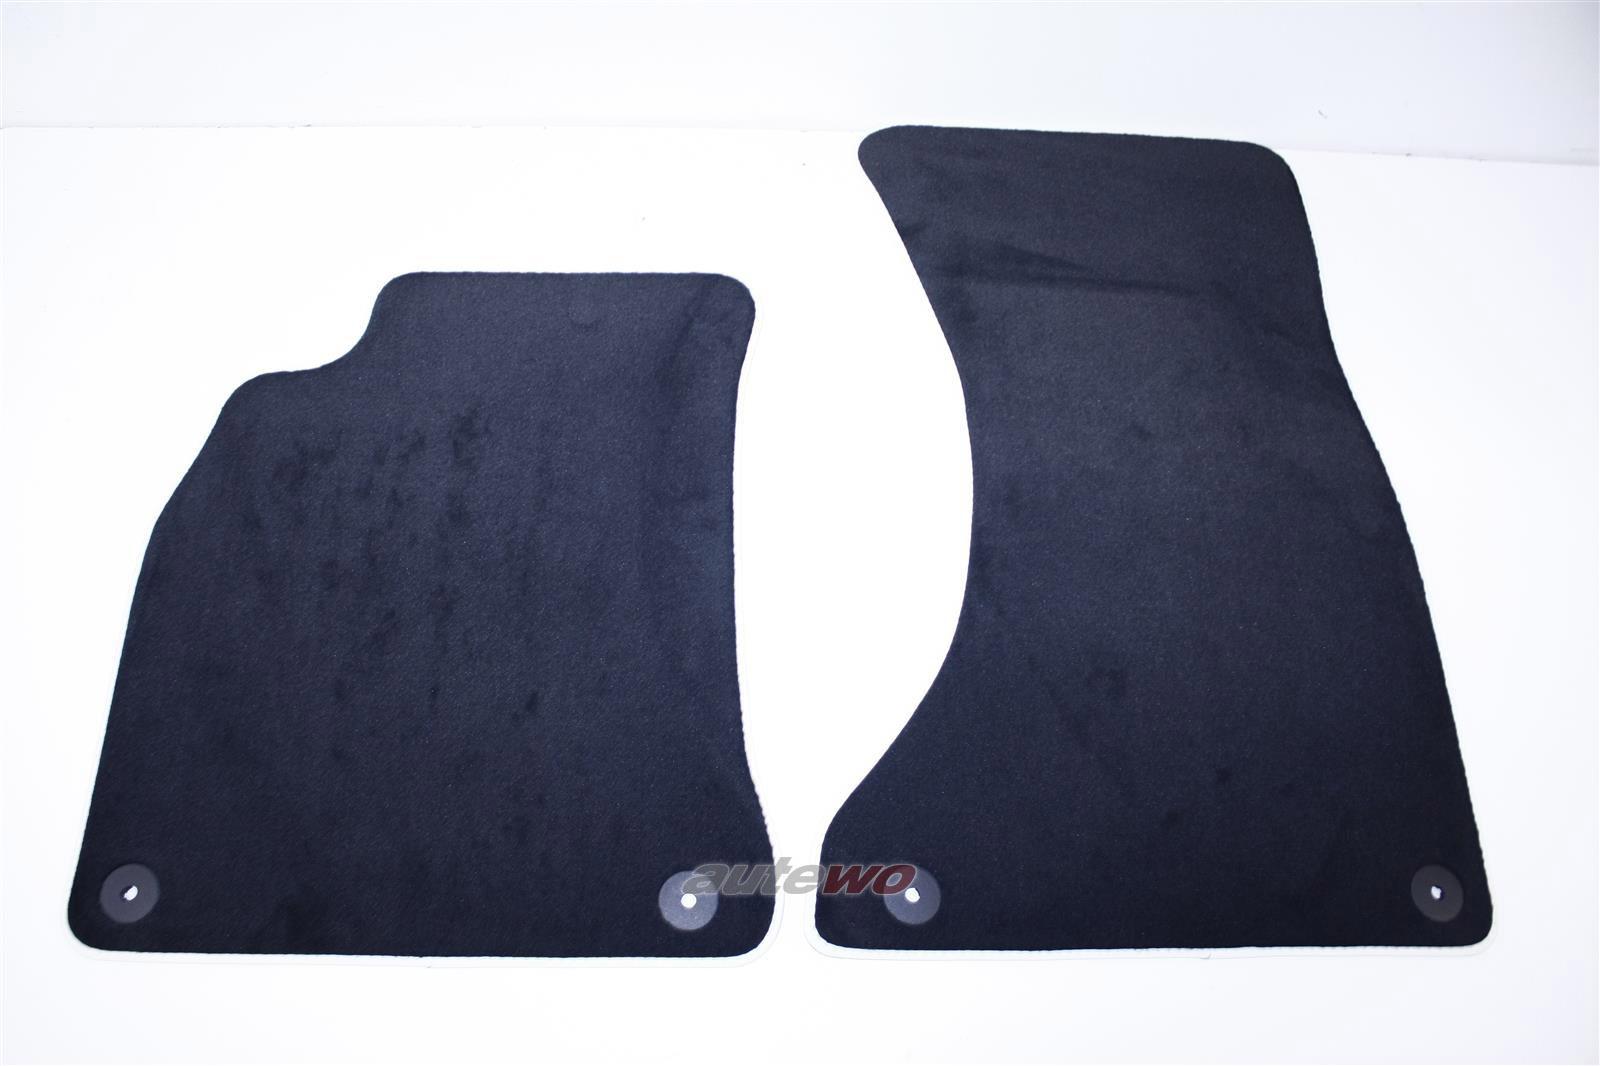 NEU&ORIGINAL! Audi A4 8K/A5 Cabrio  Satz Original Fussmattenvorne  schwarz 8K186